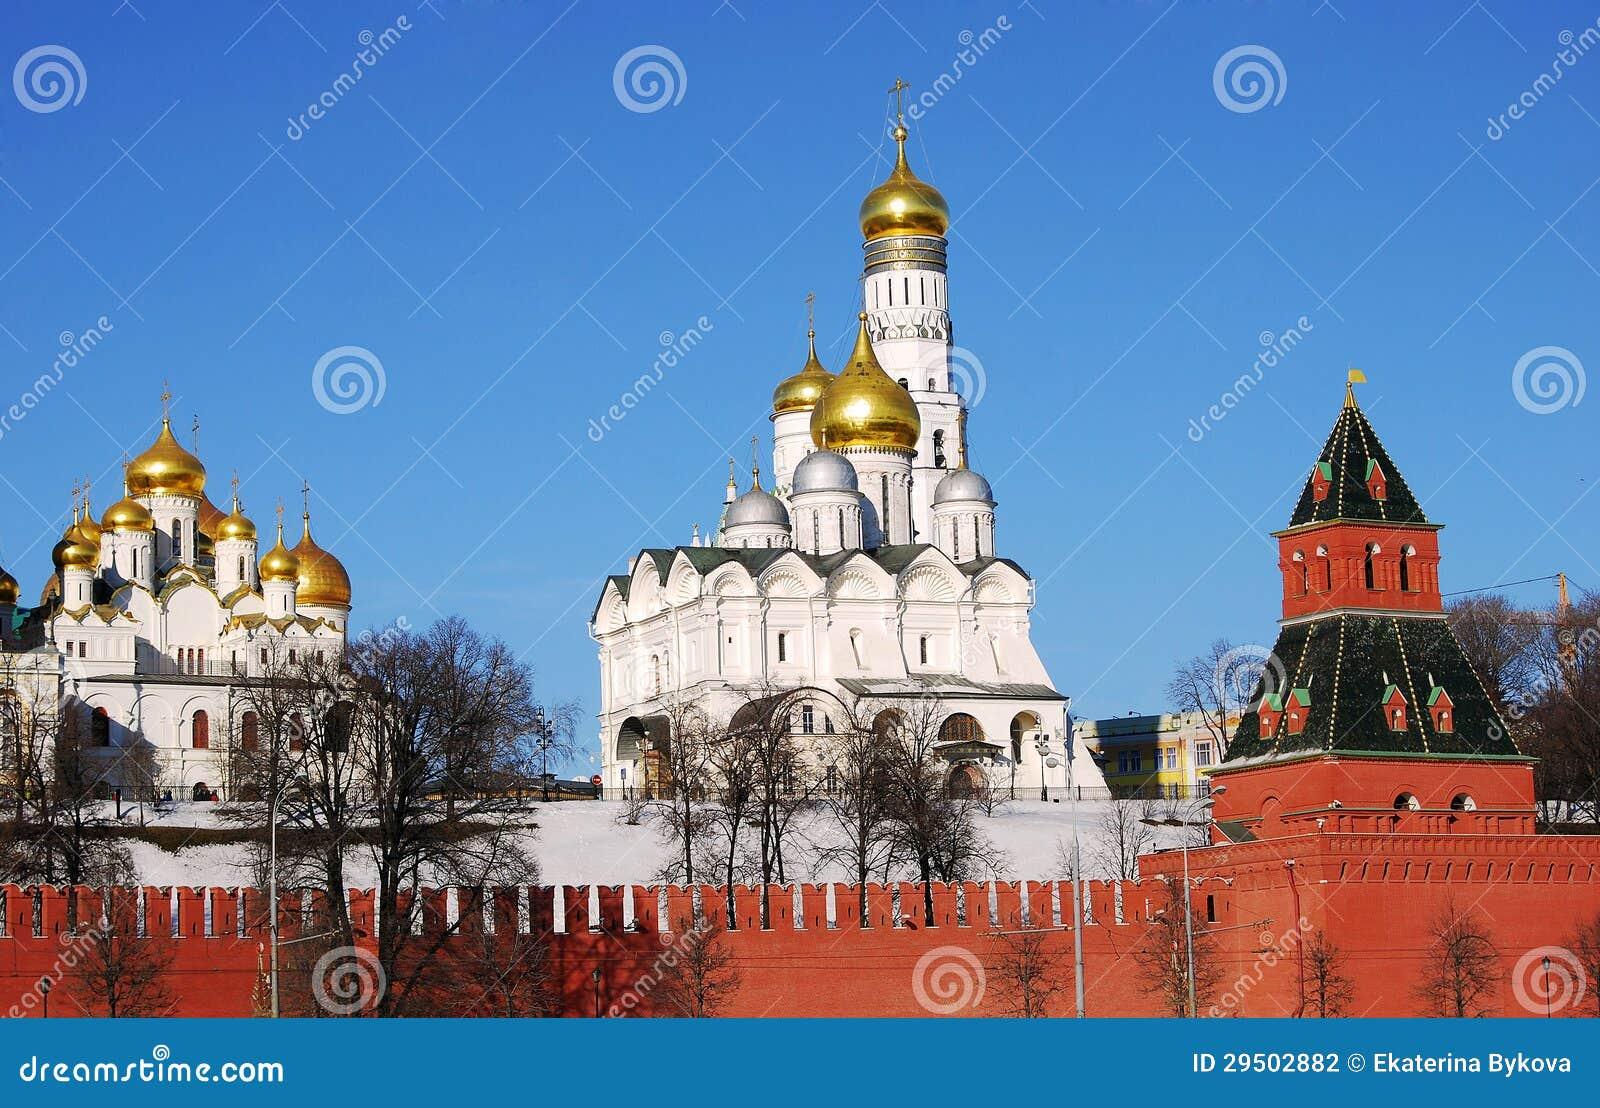 Moskou het Kremlin in een zonnige de winterdag.